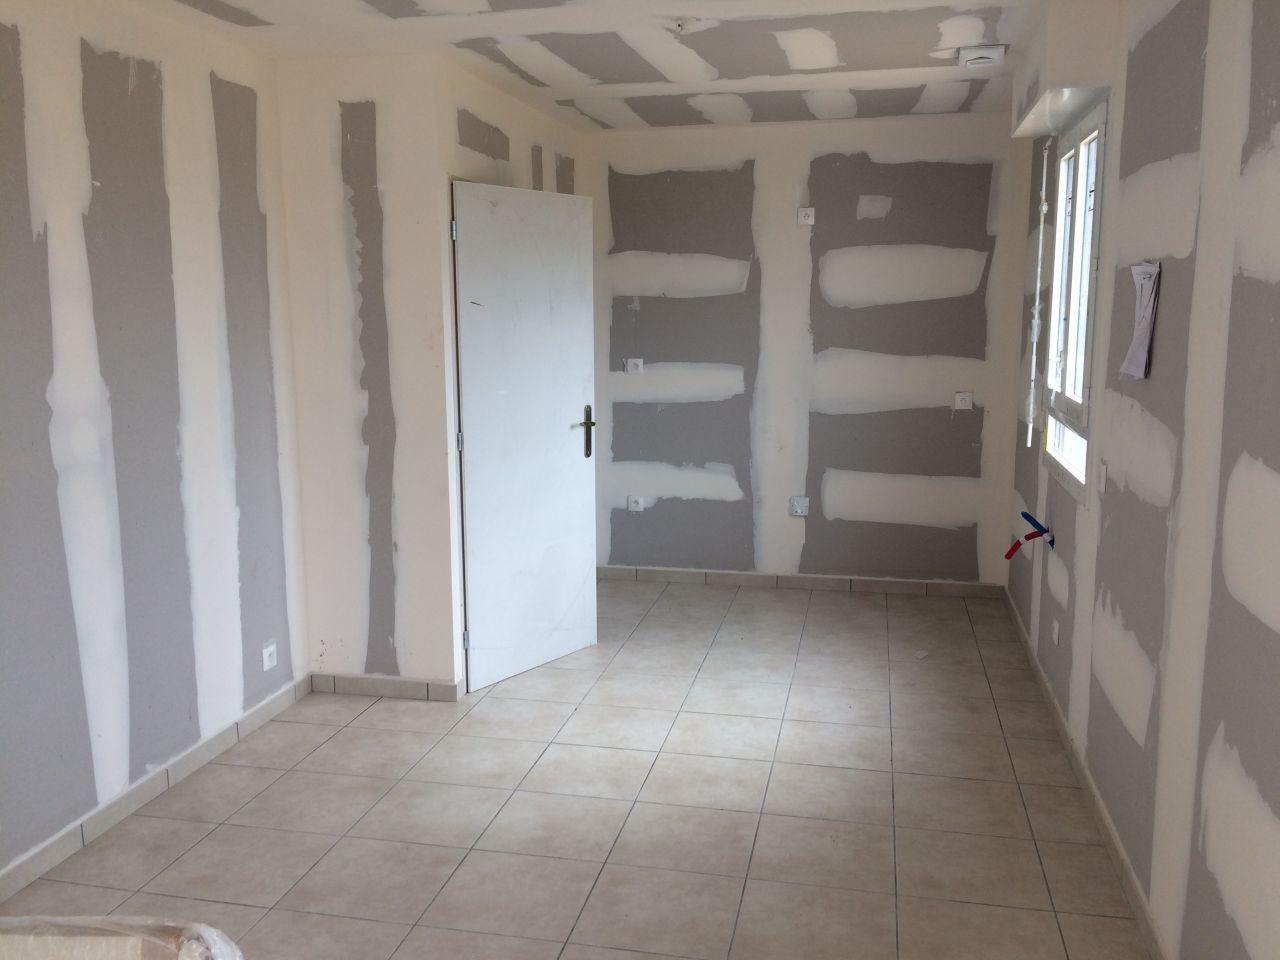 27 juin 2017. Les joints et enduits sont faits. Le carrelage et plinthes sont posés, sauf dans la salle de bain. Le fournisseur de la fayence est en rupture.